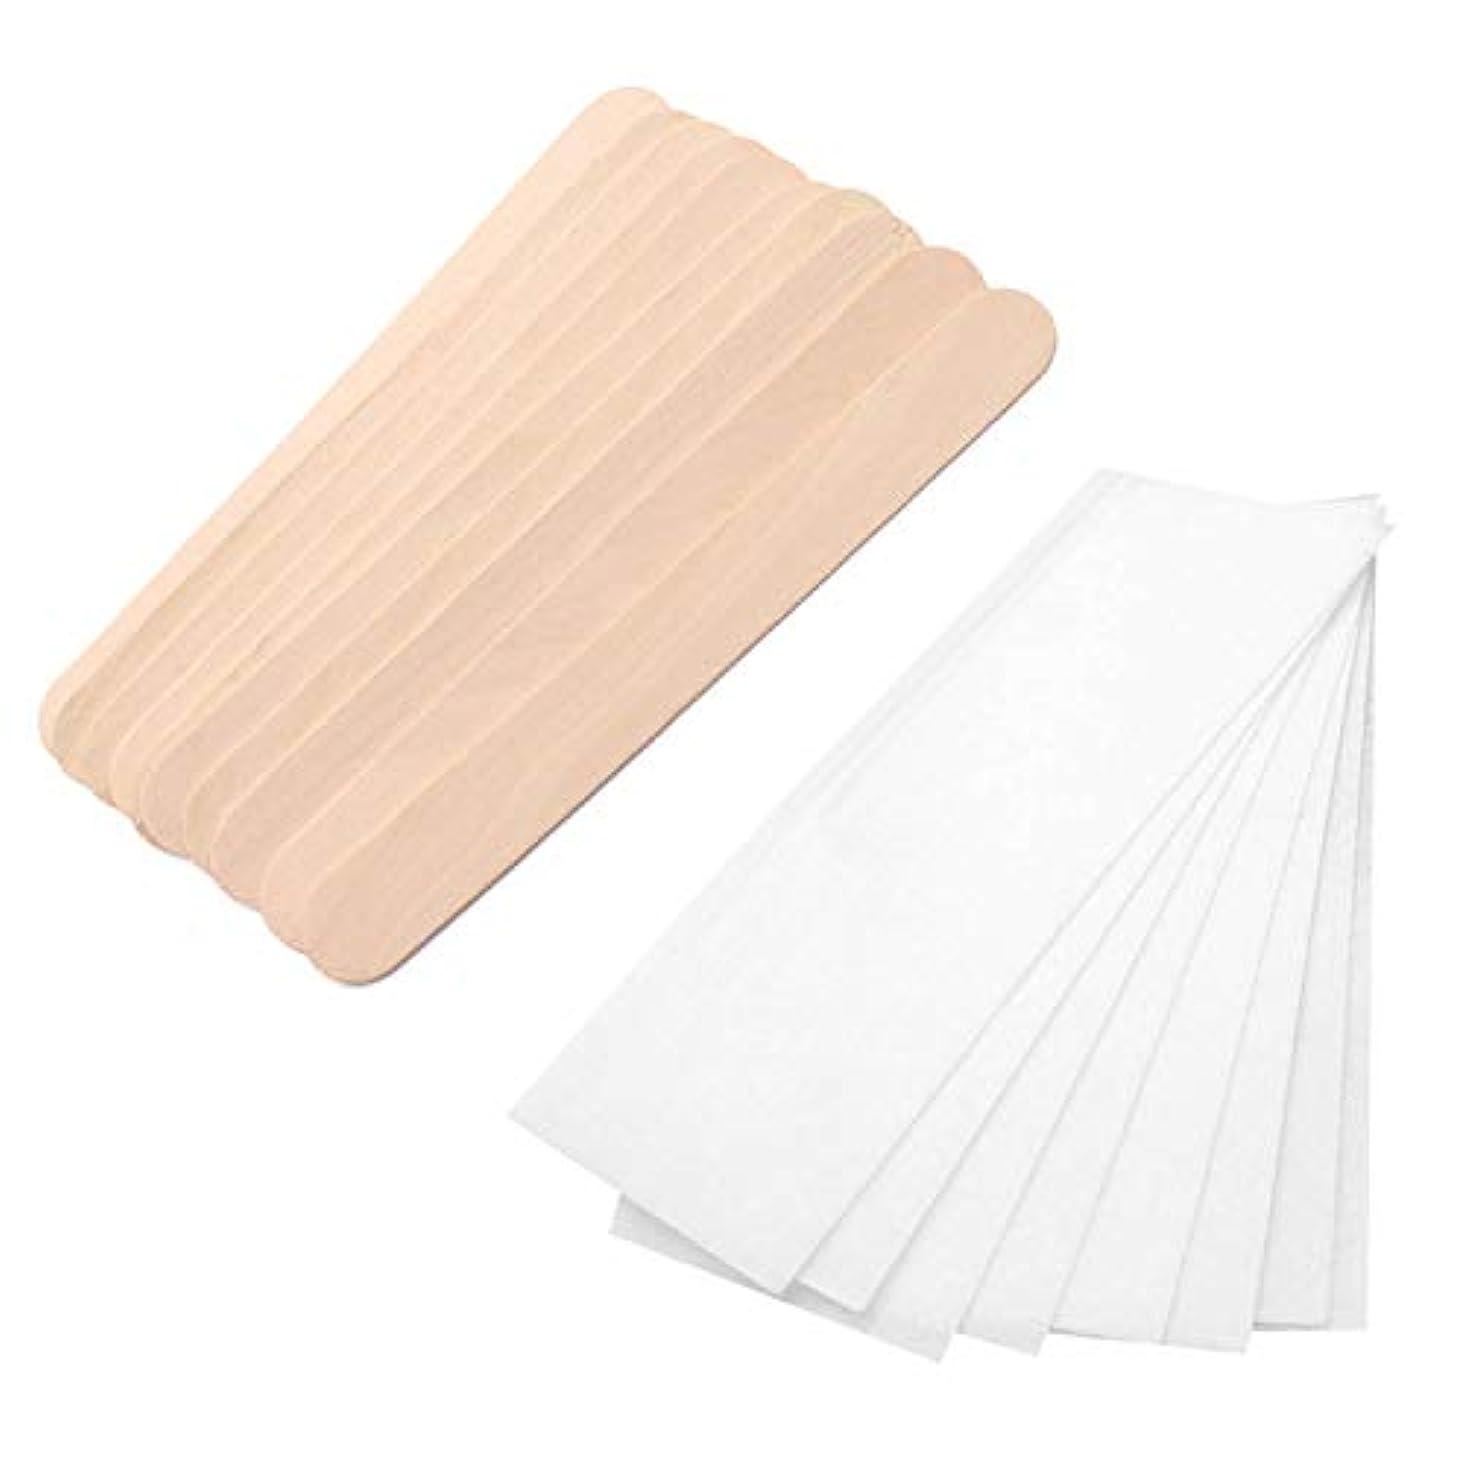 コカイン地図平凡Migavann 100個木製ワックススティック 使い捨て木製ワックススティックへらアプリケーター 100個不織ワックスストリップ脱毛紙